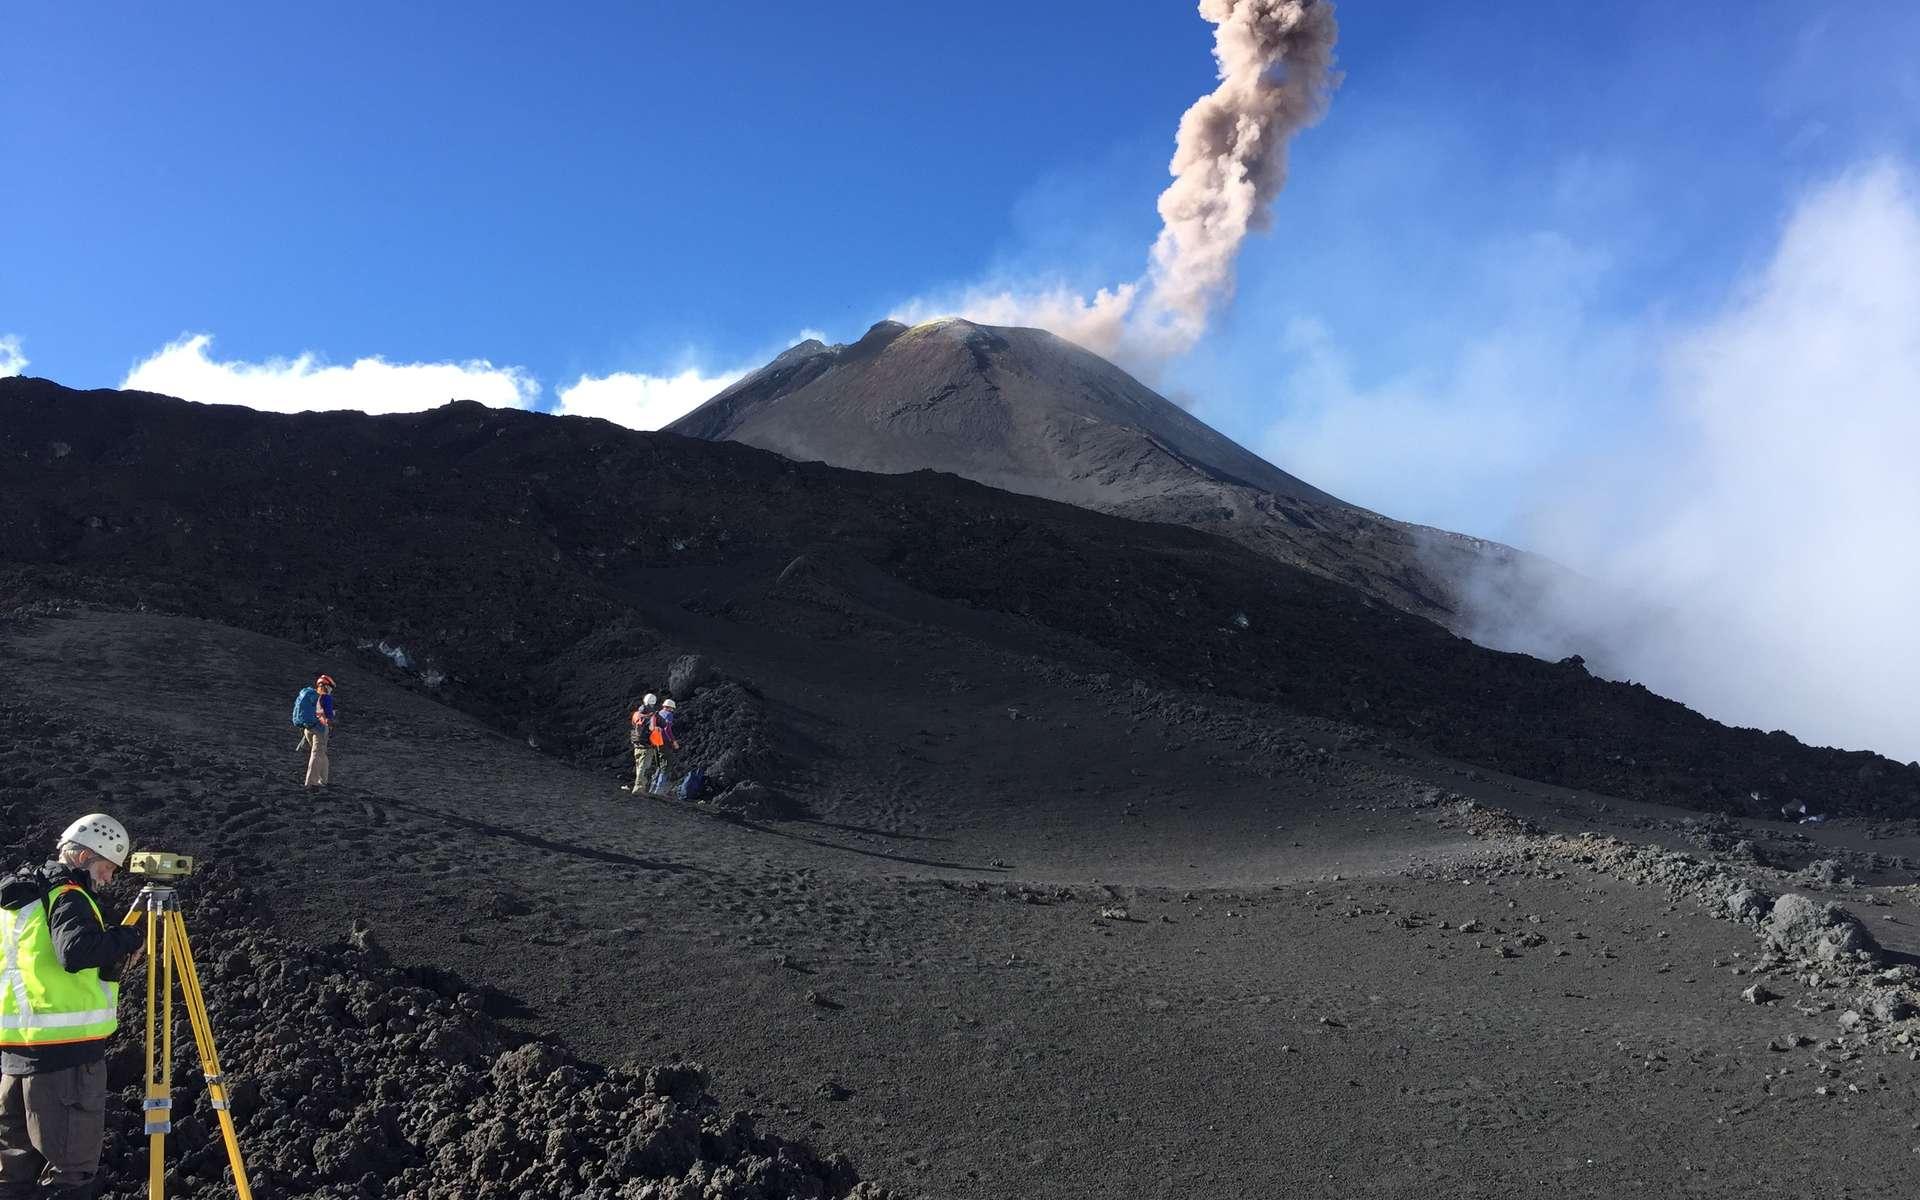 Scientifiques travaillant sur le Mont Etna. © Nikola Rogic, imaggeo.egu.eu